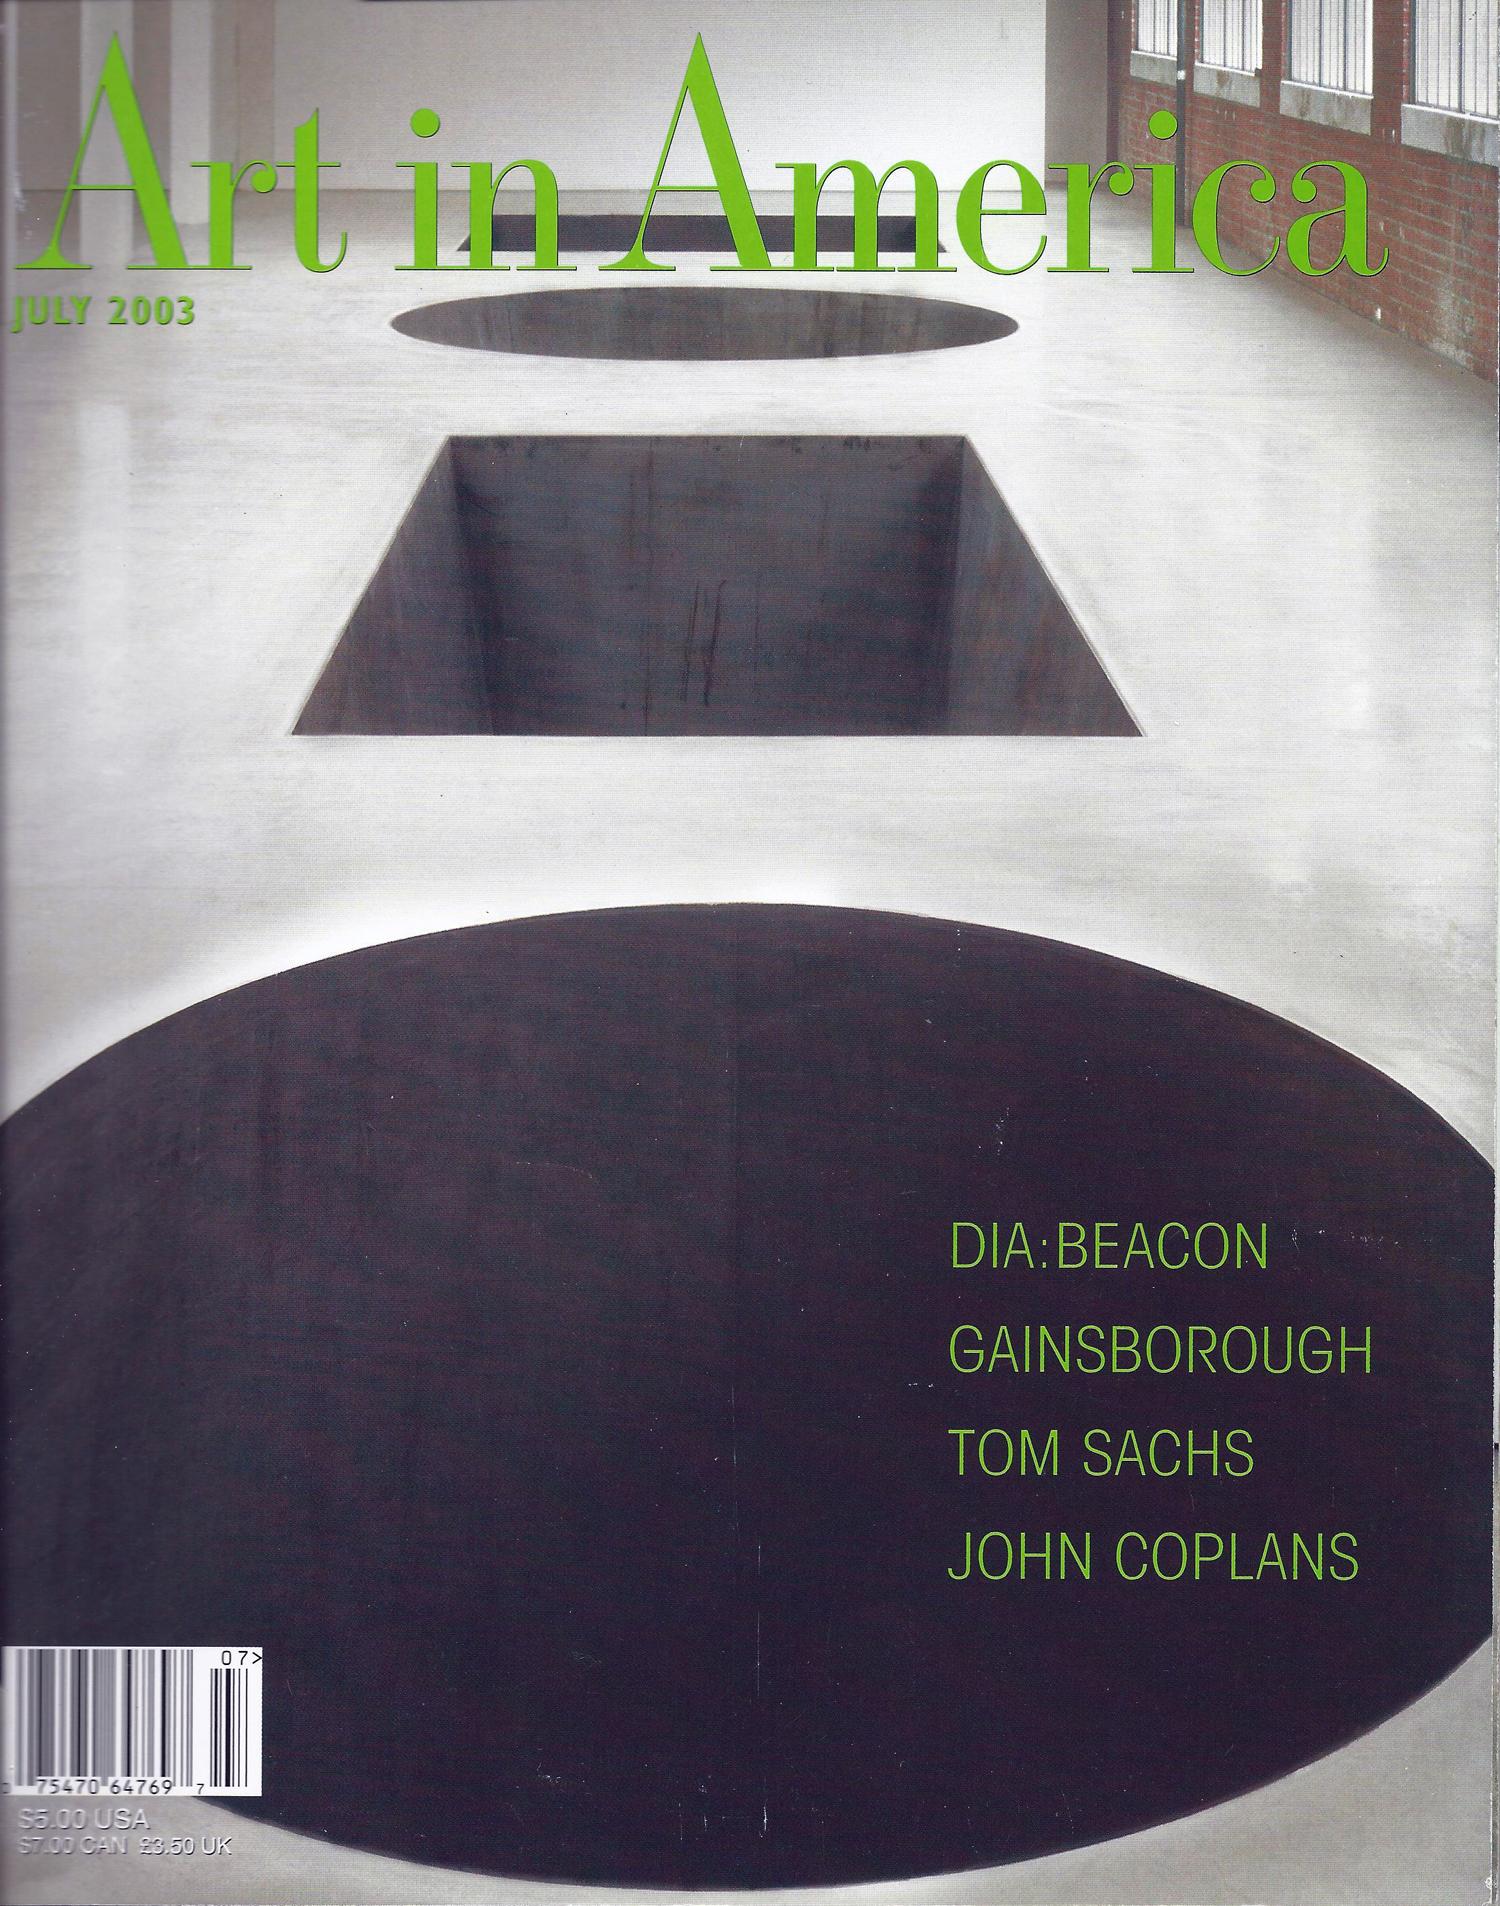 Art in America - July 2003.jpg